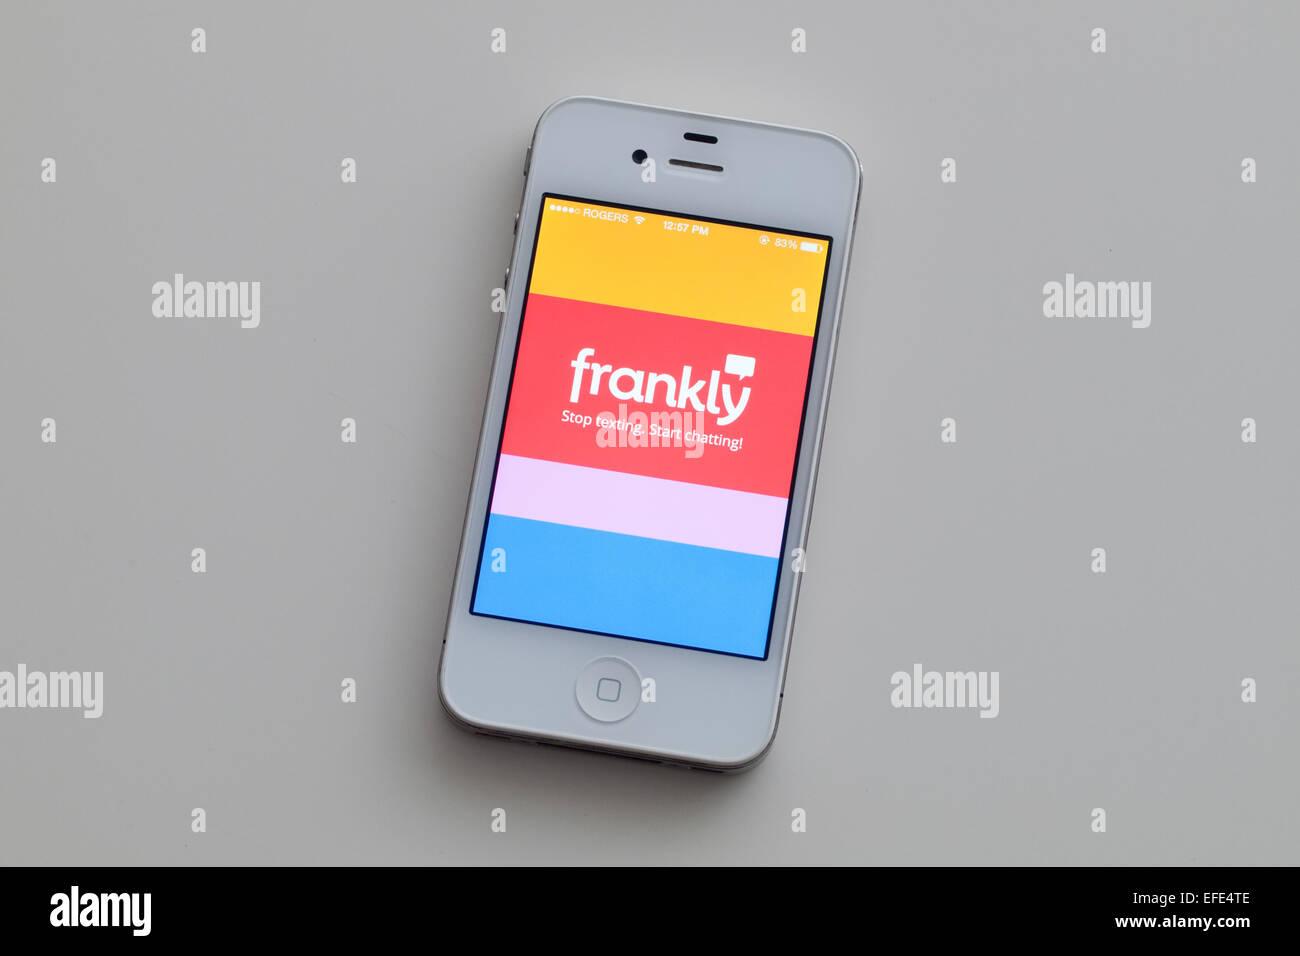 Una vista de la pantalla de inicio del chat francamente en un Apple iPhone app 4. Imagen De Stock